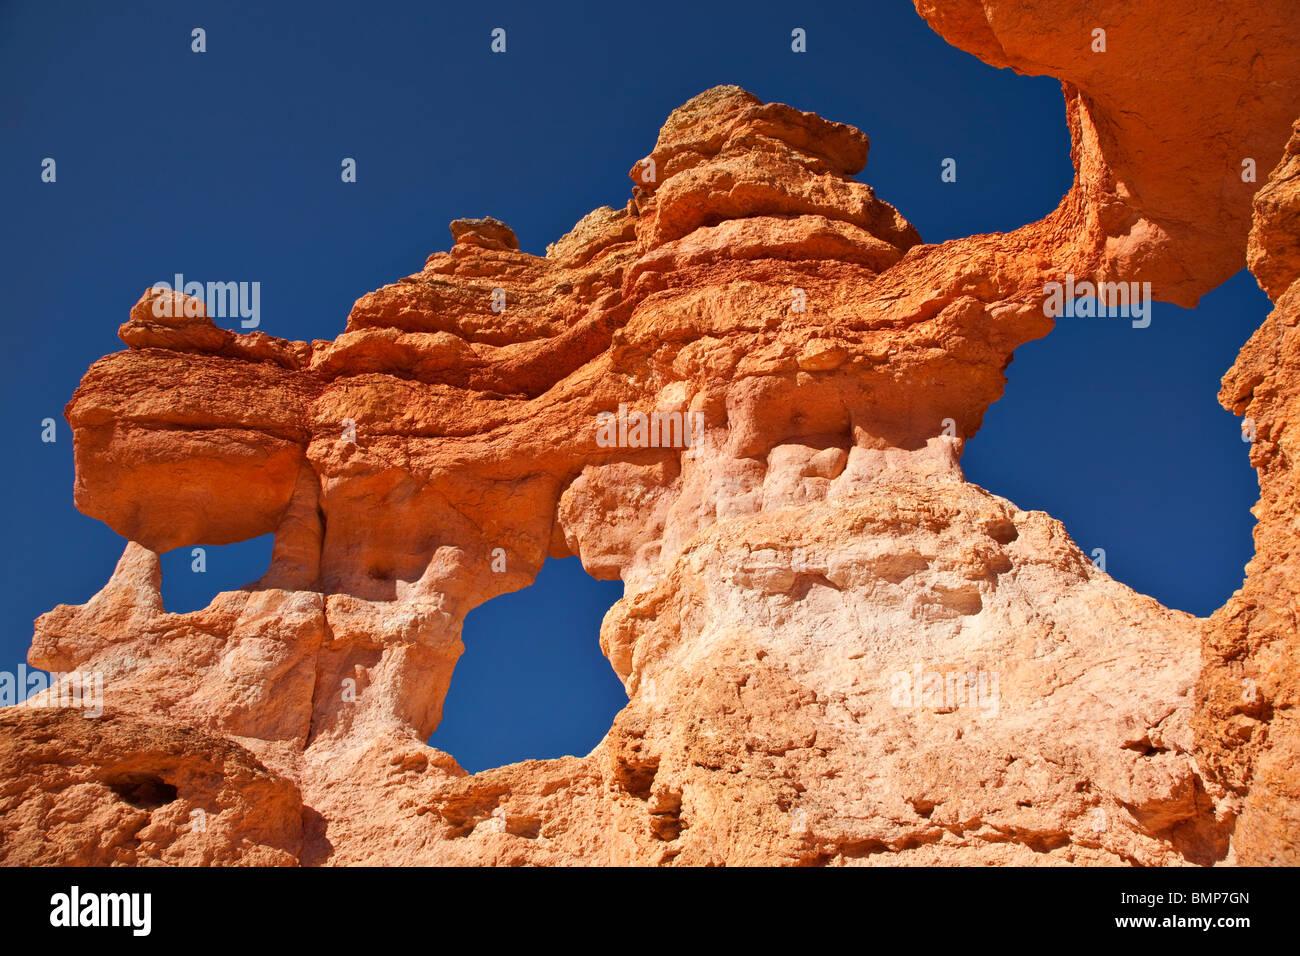 Hoodoos di eroso Claron formazione rocce al Parco Nazionale di Bryce Canyon, Utah, Stati Uniti d'America Immagini Stock